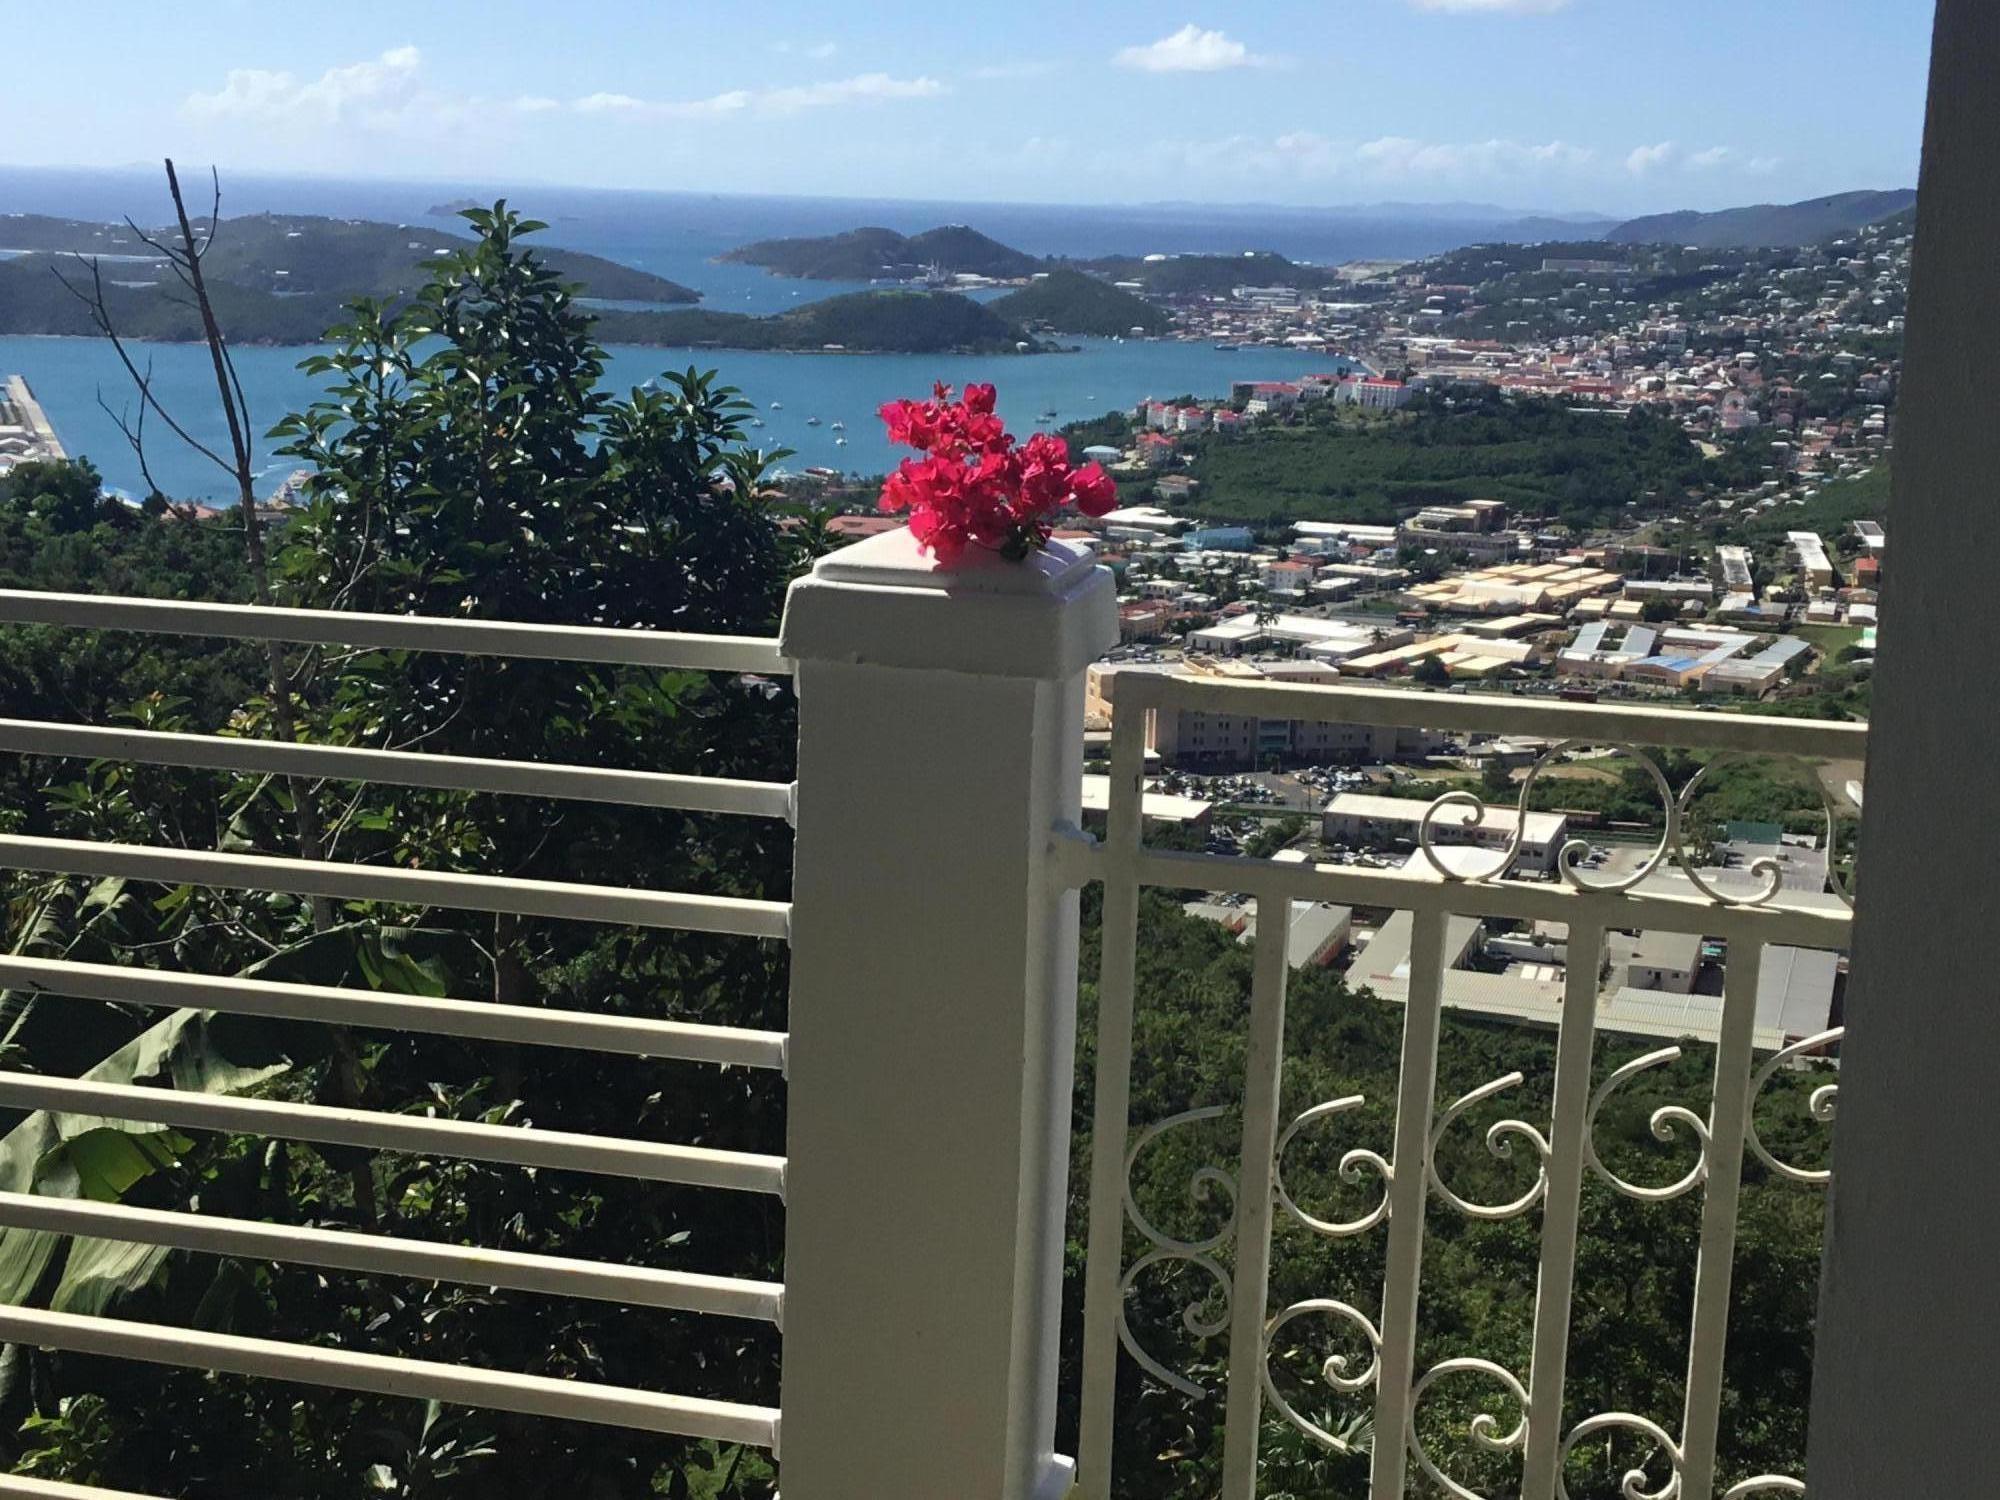 Casa Unifamiliar por un Alquiler en 17-3 Raphune NEW 17-3 Raphune NEW St Thomas, Virgin Islands 00802 Islas Virgenes Ee.Uu.